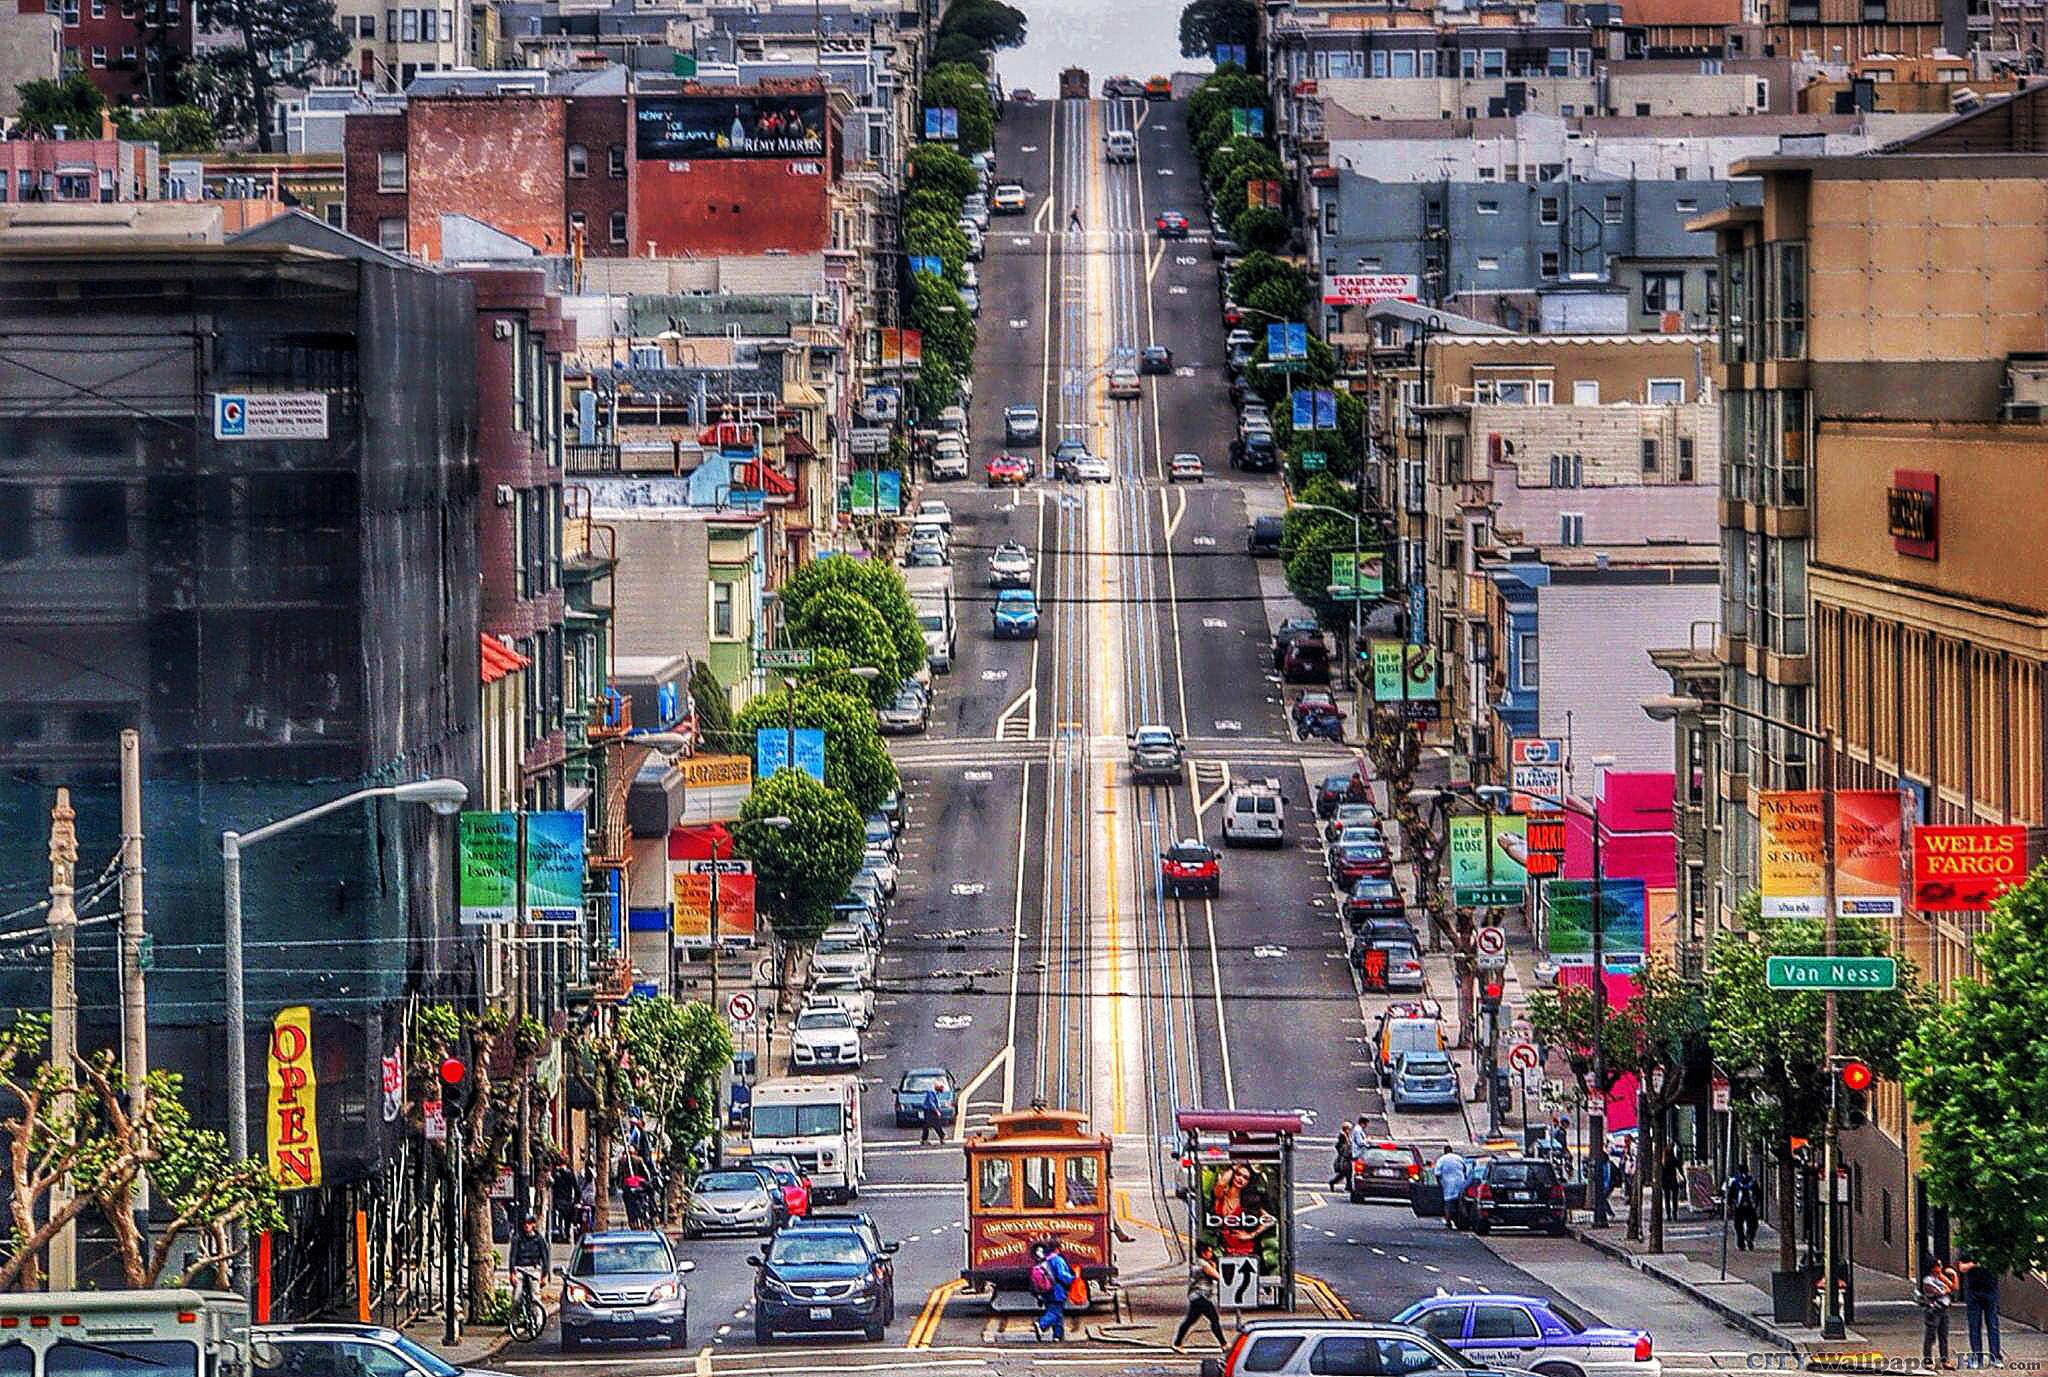 Oferta de viaje a San Francisco